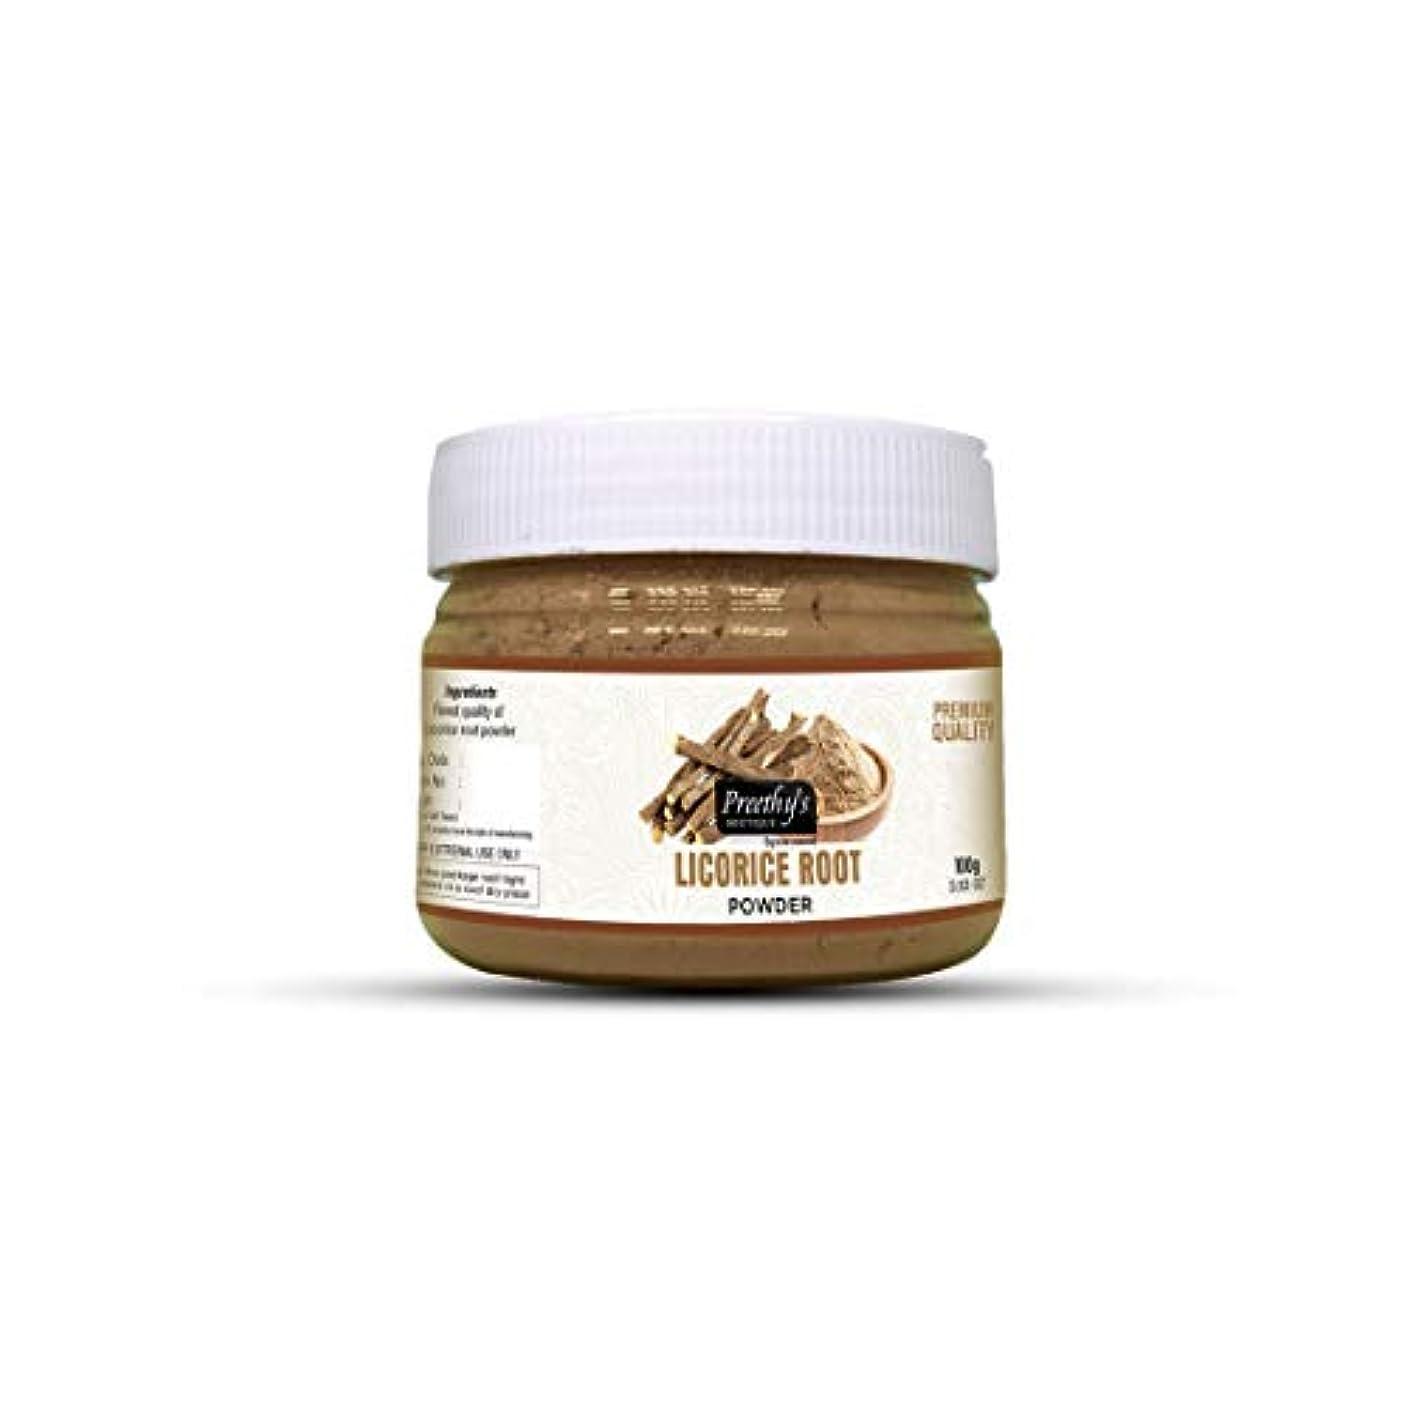 悲観的結核スペクトラムLicorice (Mulethi) Powder For Skin Whitening 100 Grams - Natural Remedies for Skin disorders - Helps to diminish and lighten dark spots, age spots, blackheads, whiteheads - 100グラムを白くする肌用の甘草(Mulethi)パウダー-スキンブライトニング-ダークスポット、エイジスポット、にきび、ホワイトヘッドを減らして明るくするのに役立ちます